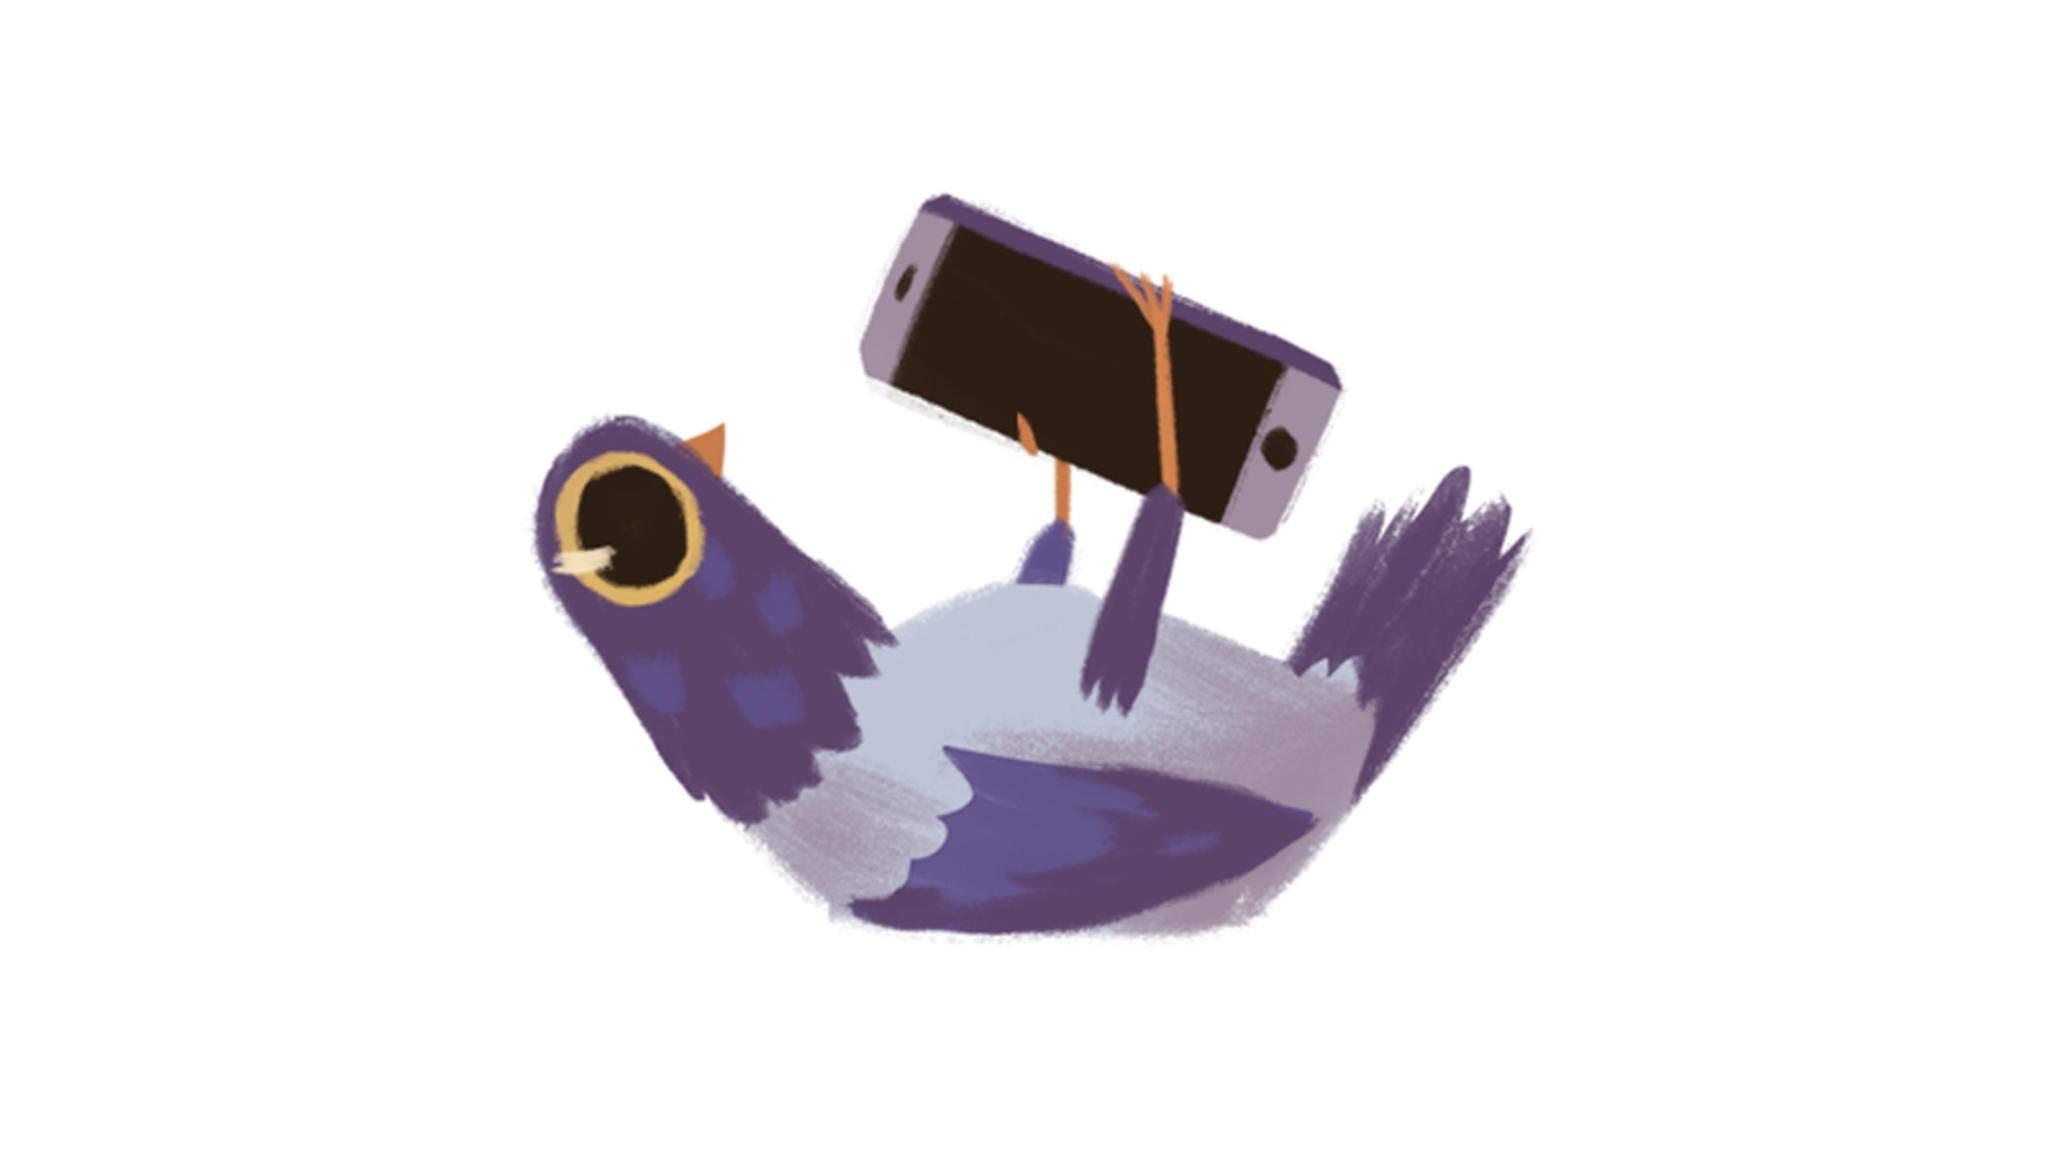 Niedlich oder nervig? Die Trash Dove hat Facebook derzeit fest im Griff.